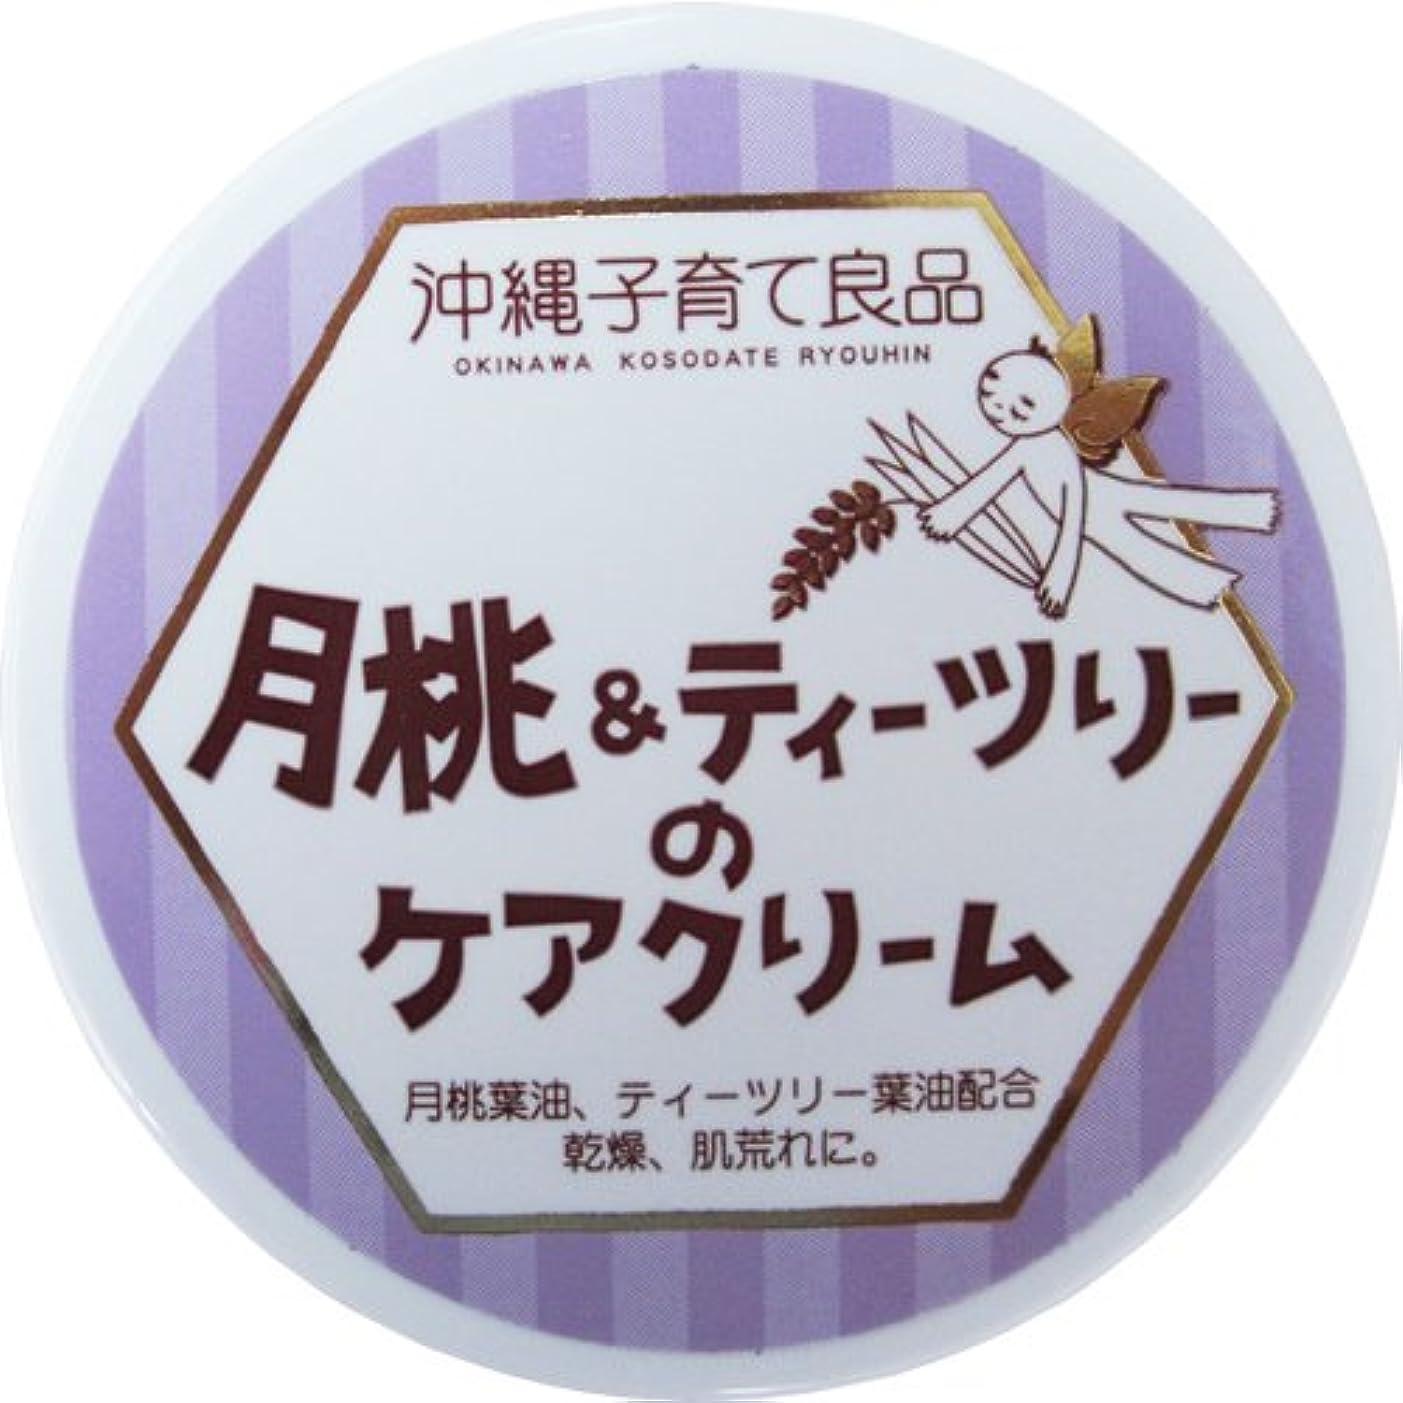 入手します転倒切り離す沖縄子育て良品 月桃&ティツリーのケアクリーム (25g)